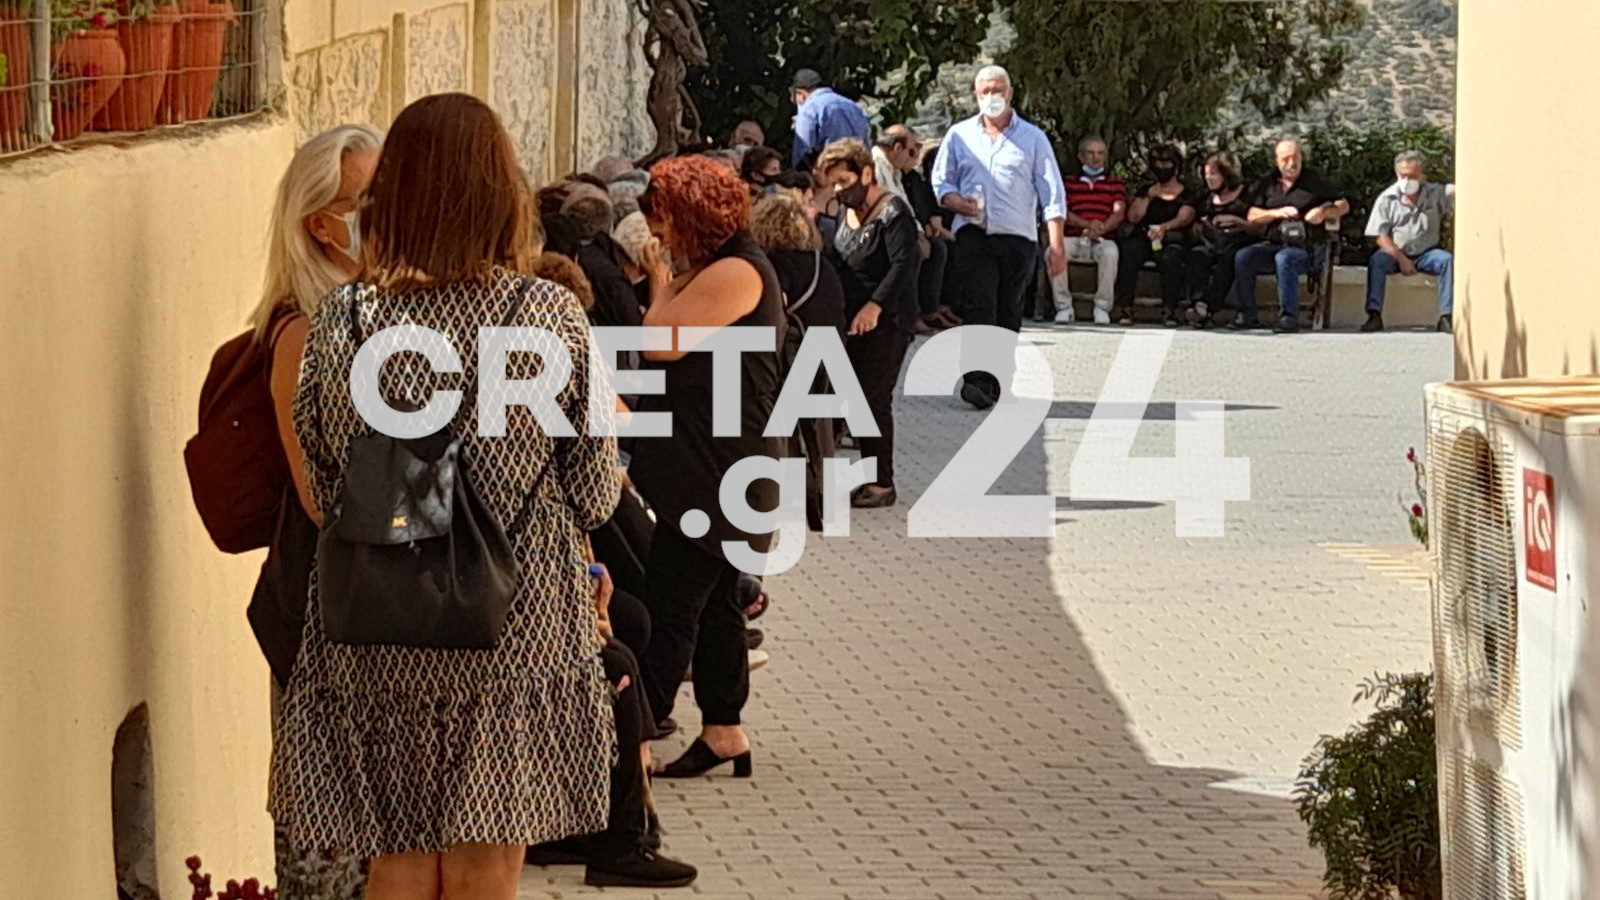 Σεισμός στην Κρήτη: Ο φίλος του θύματος περιγράφει τις τρομακτικές στιγμές μέσα στην εκκλησία